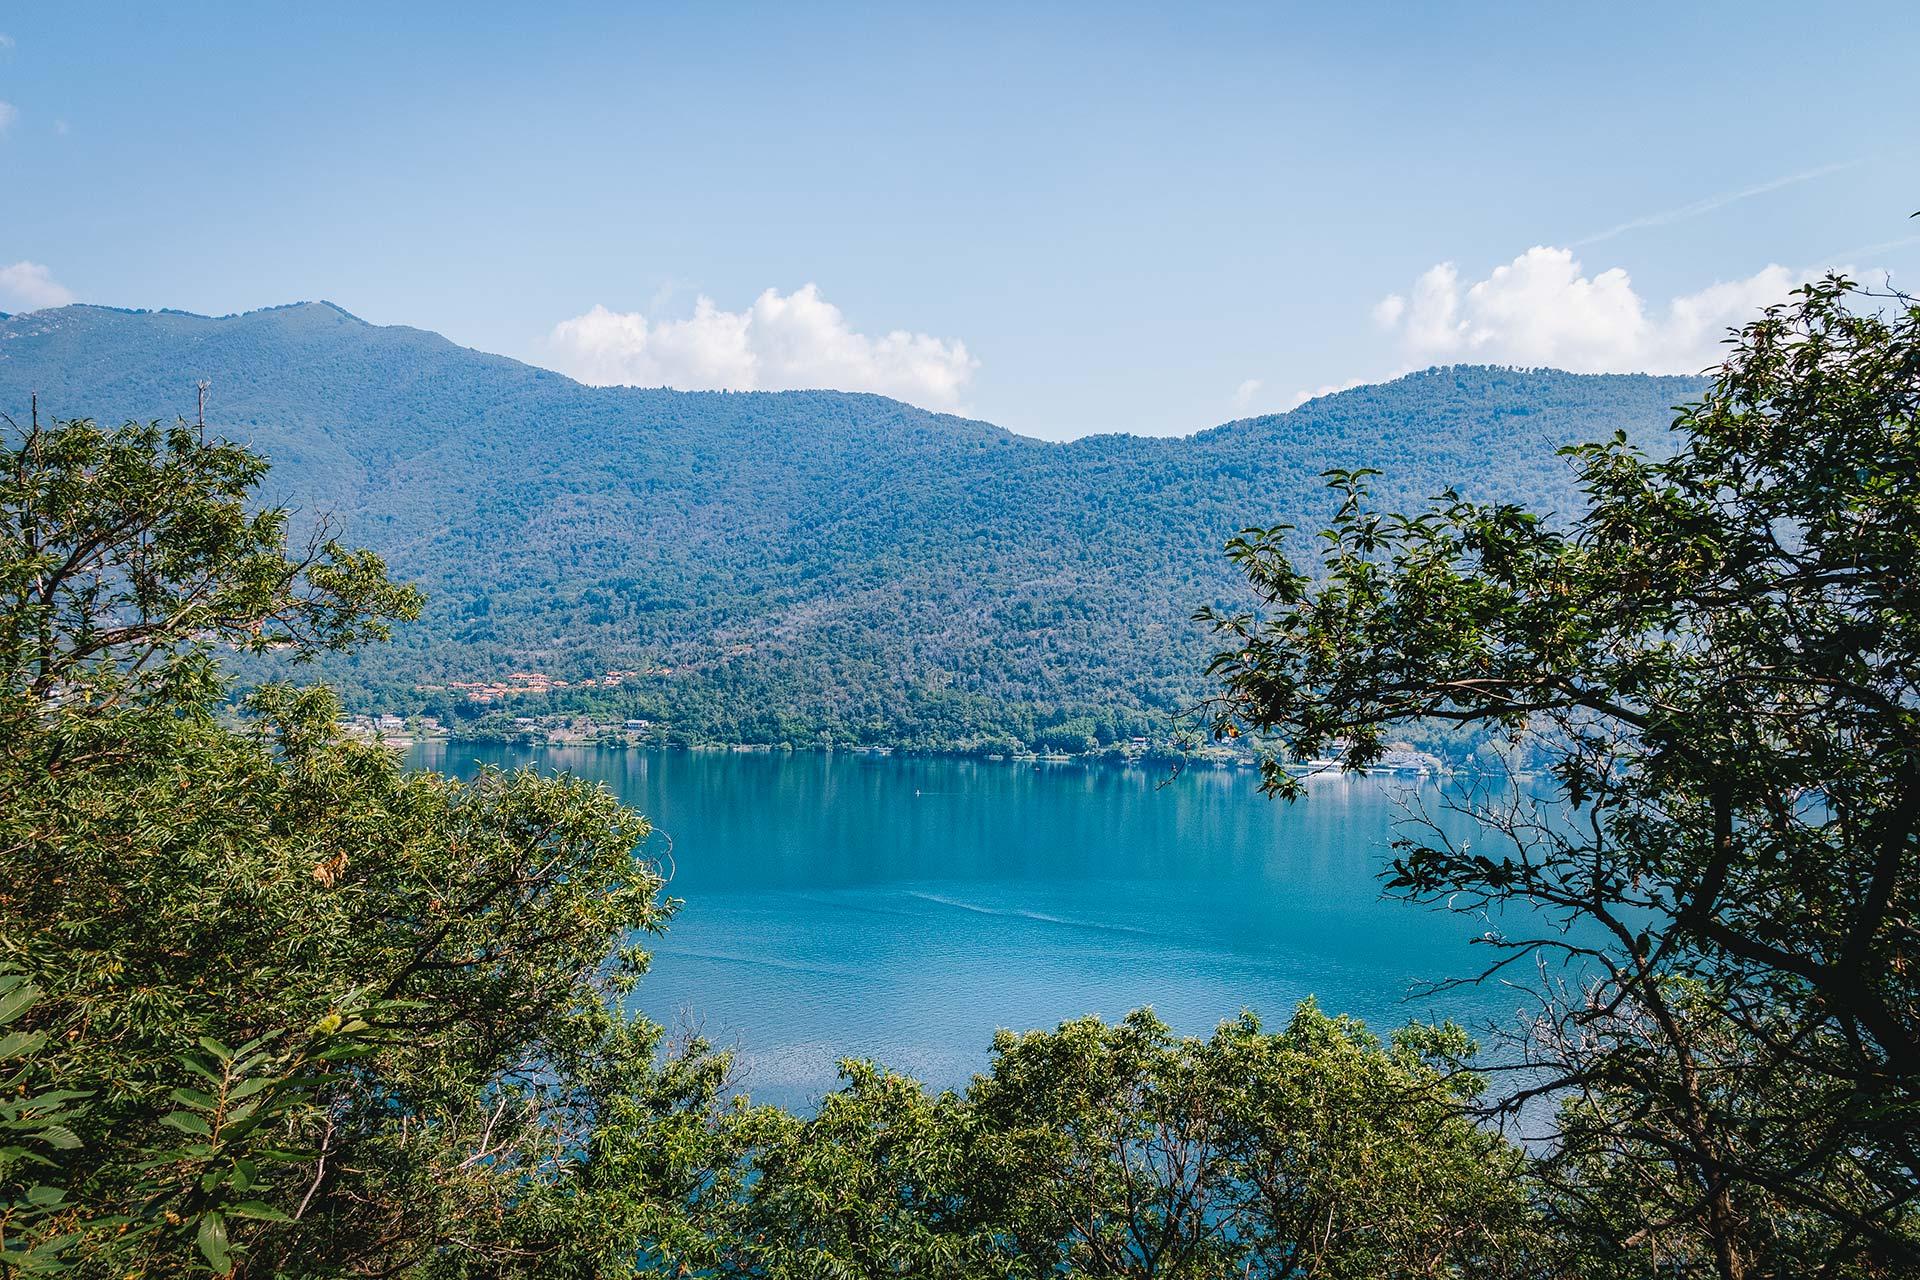 Strahlend blau schimmert der Lago di Mergozzo immer wieder durch die Bäume entlang des Steinbrecherpfads